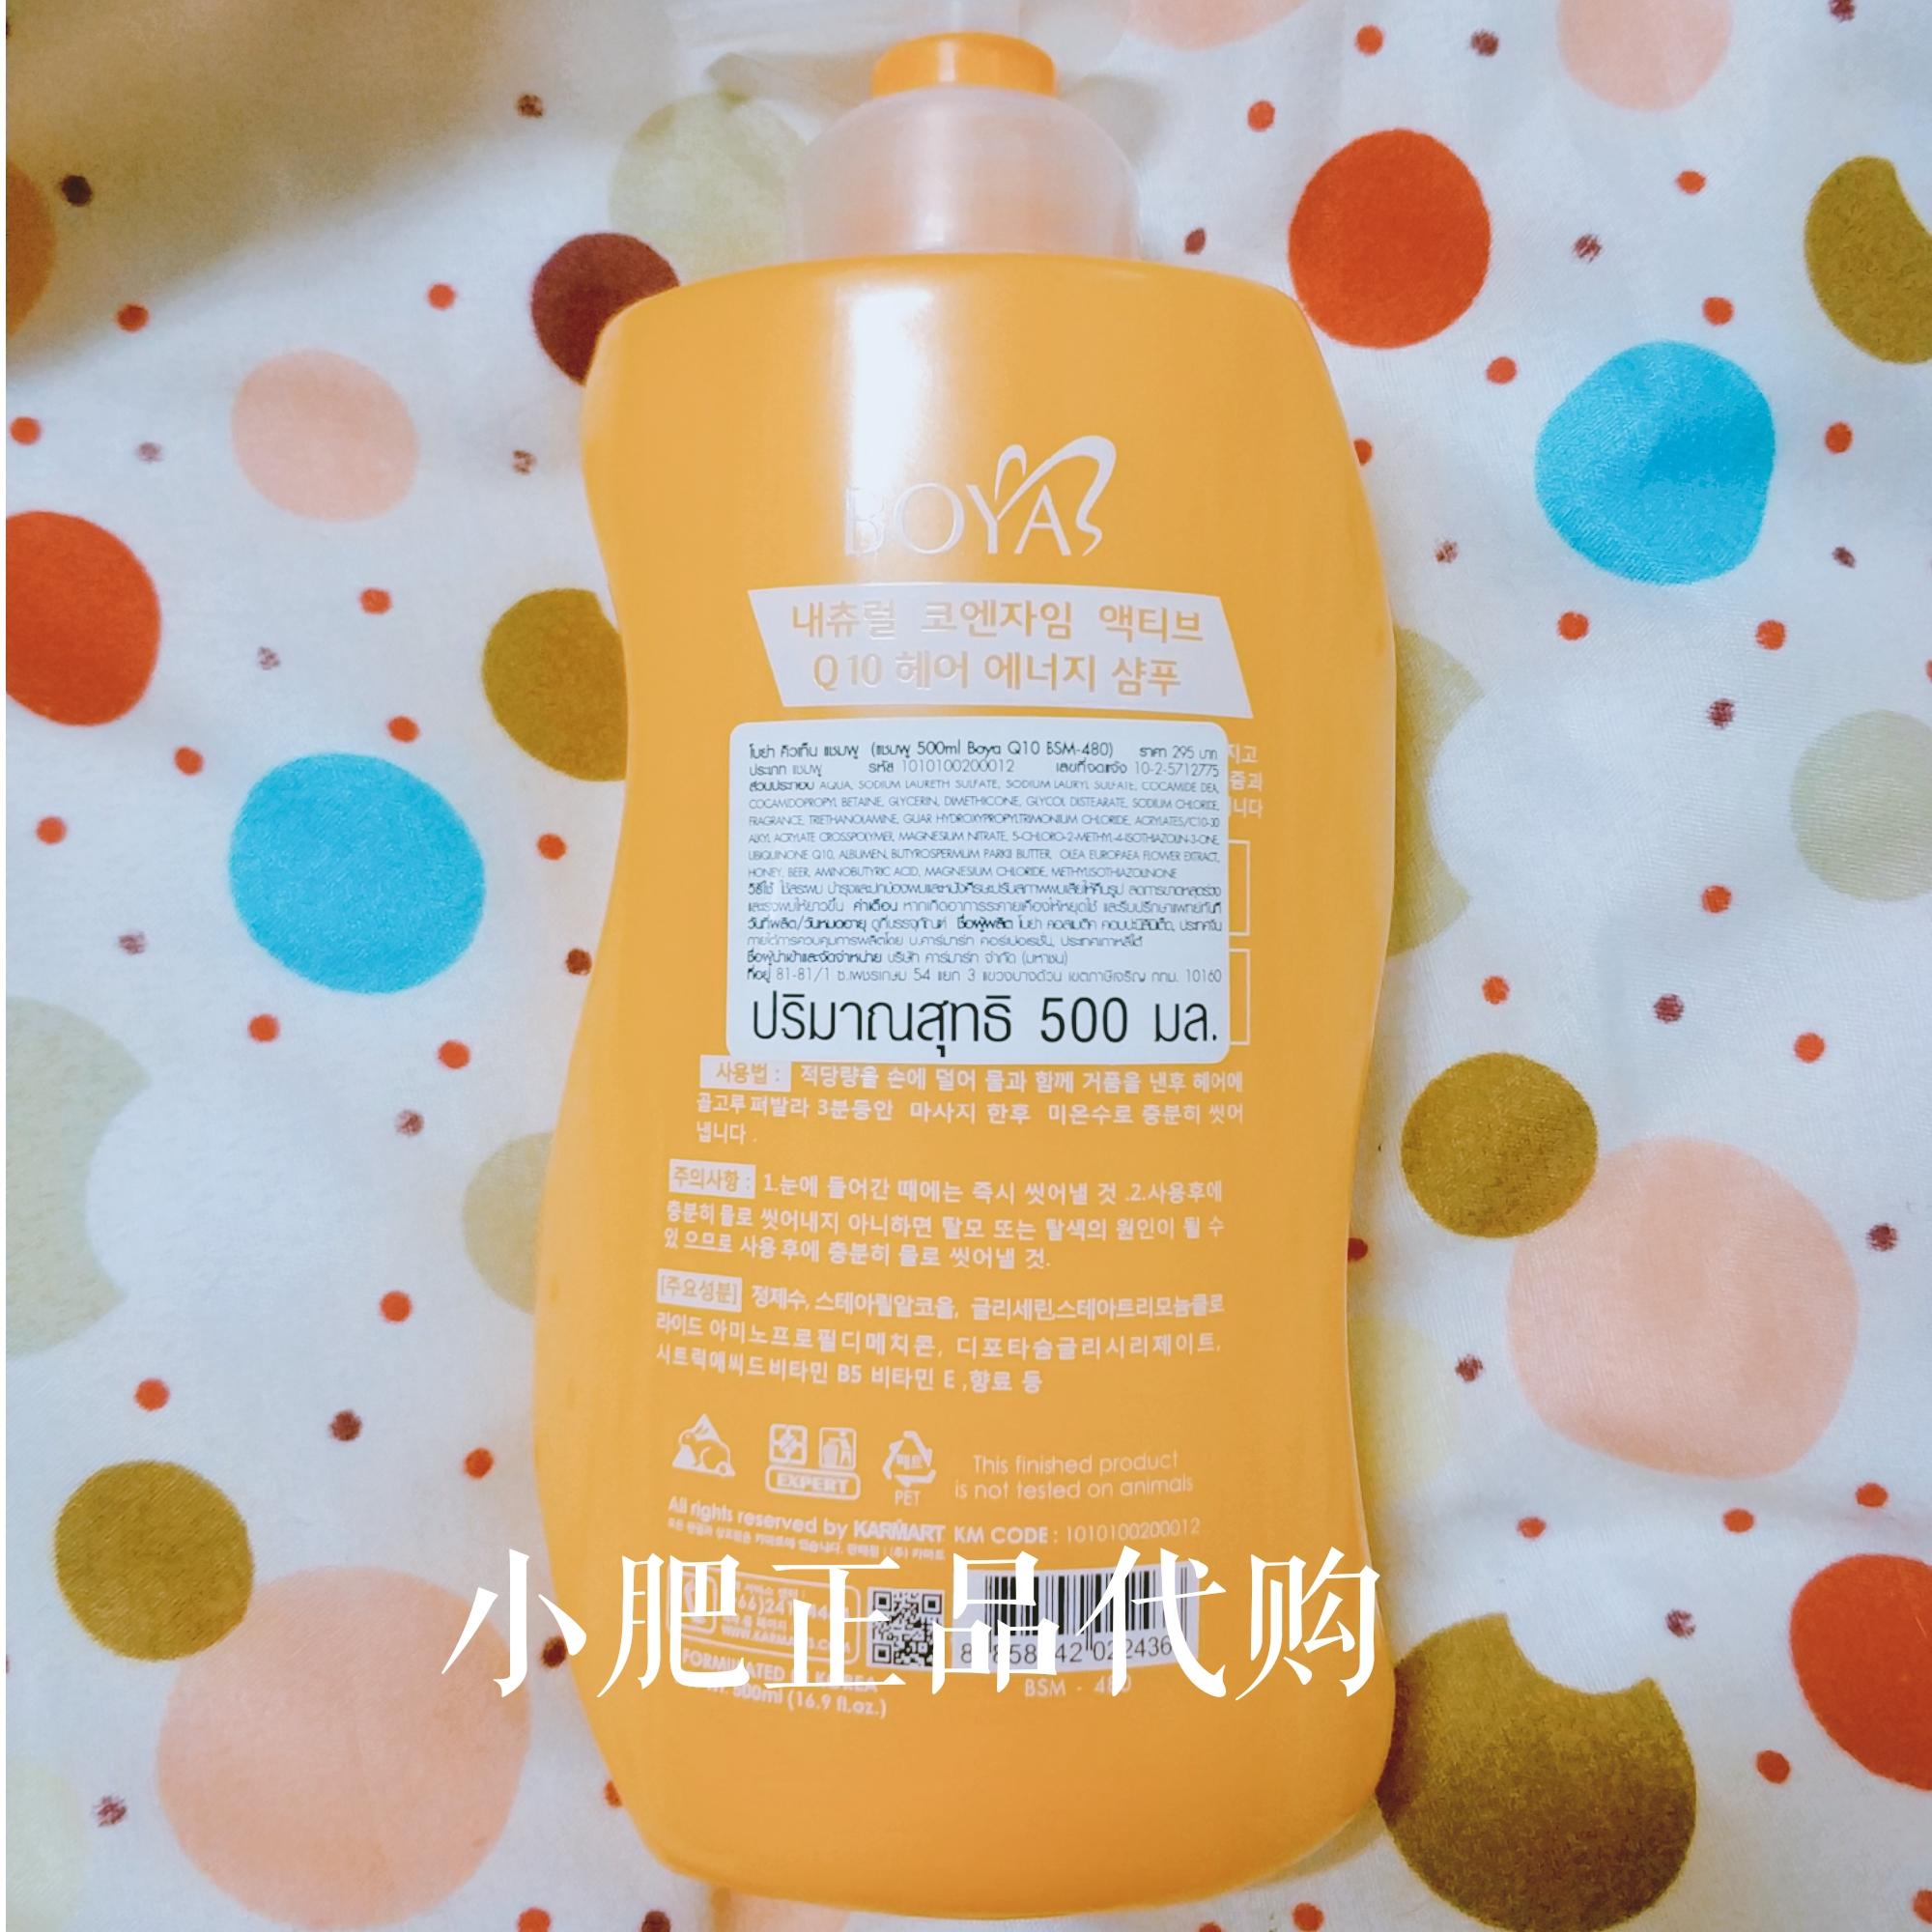 Un champú auténtico Moe karmartBOYAQ10 Tailandia sin aceite de silicona suave no daño el cabello y caspa